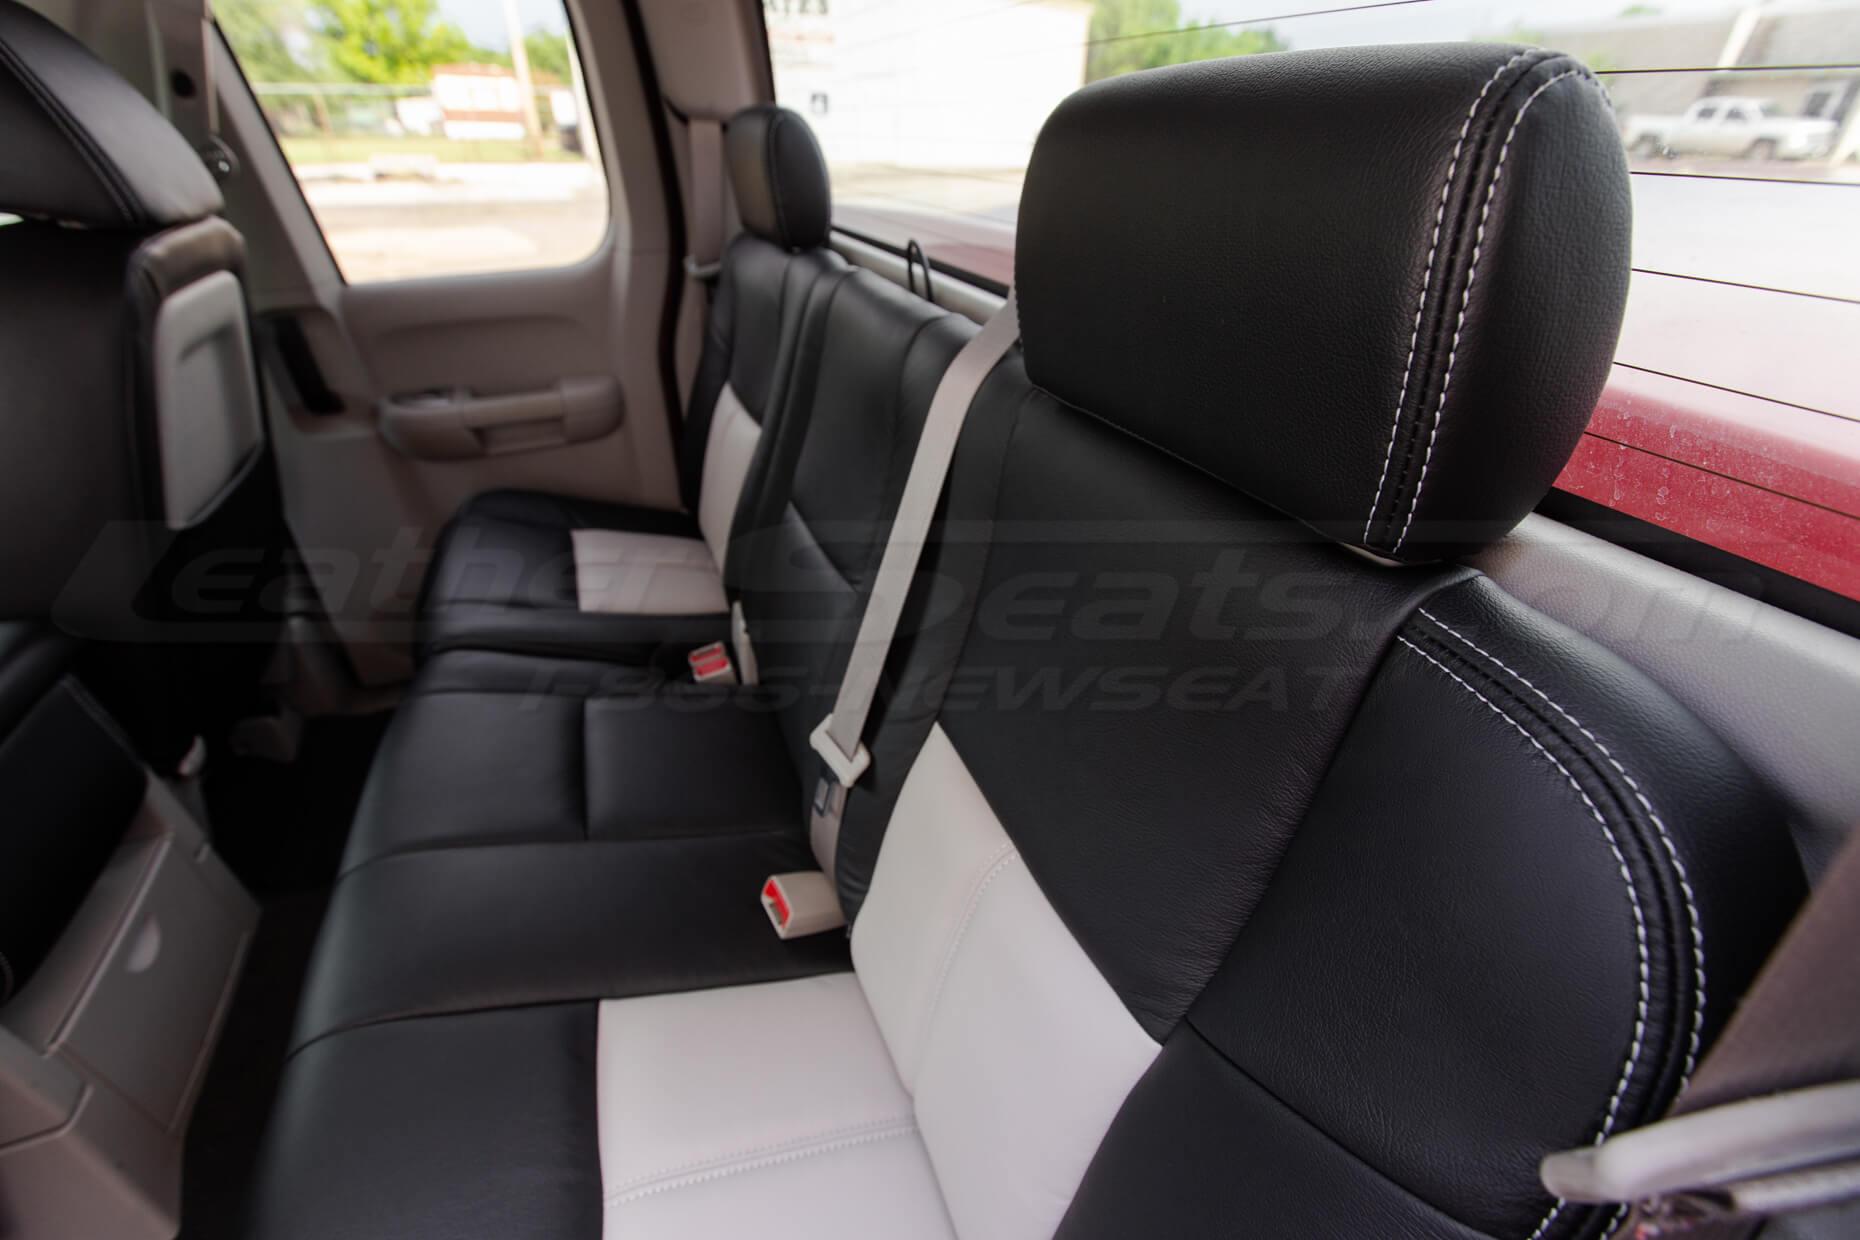 2003-2007 GMC Sierra upholstery kit headrest